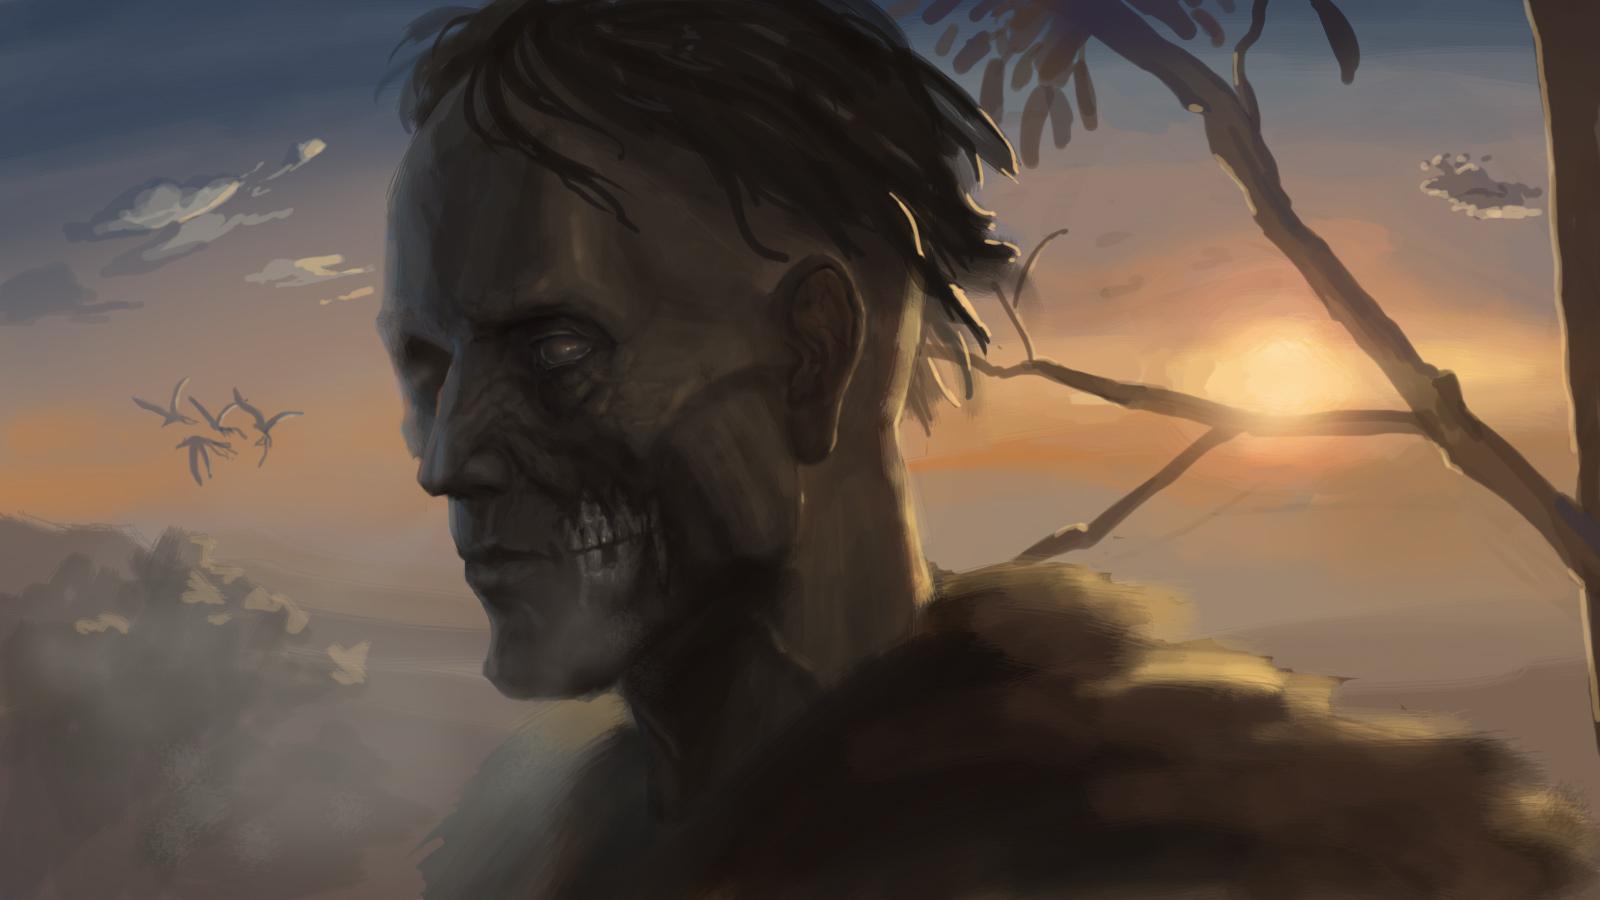 梦到祖先变成了僵尸,并且自己在位僵尸祖先换衣服.怎么解梦呢?